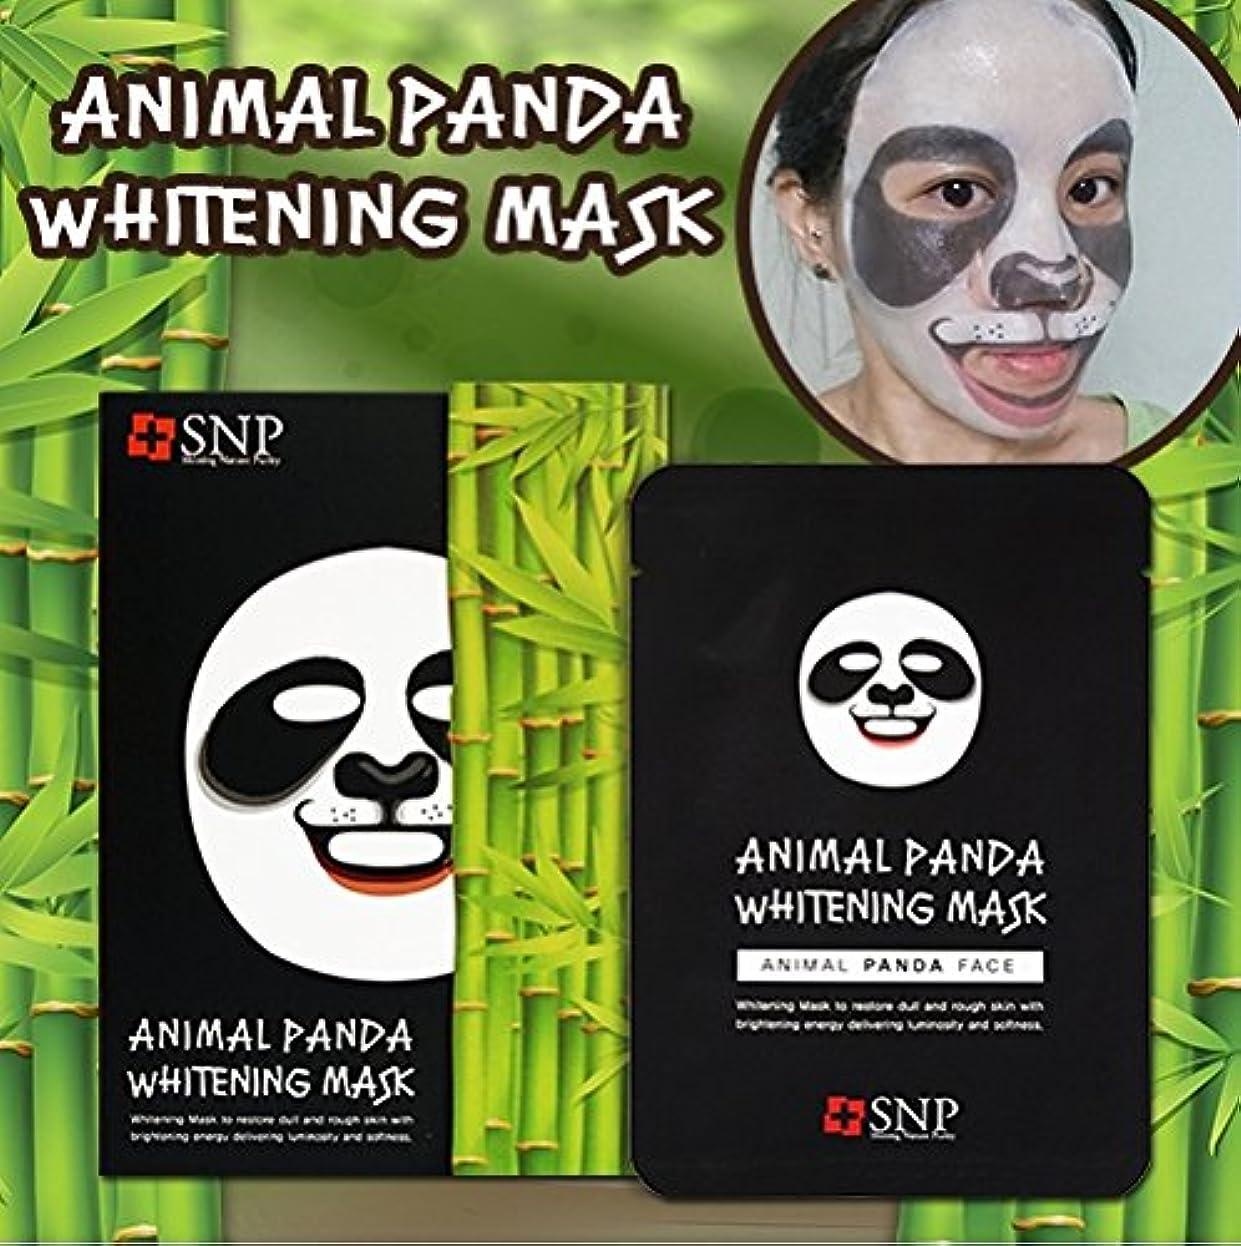 敷居振動する組立(SNP)アニマルパンダホワイトニングマスク 灰色がかった肌色の改善10本入[並行輸入品]SNP Animal Panda Whitening Face Mask Pack x10EA